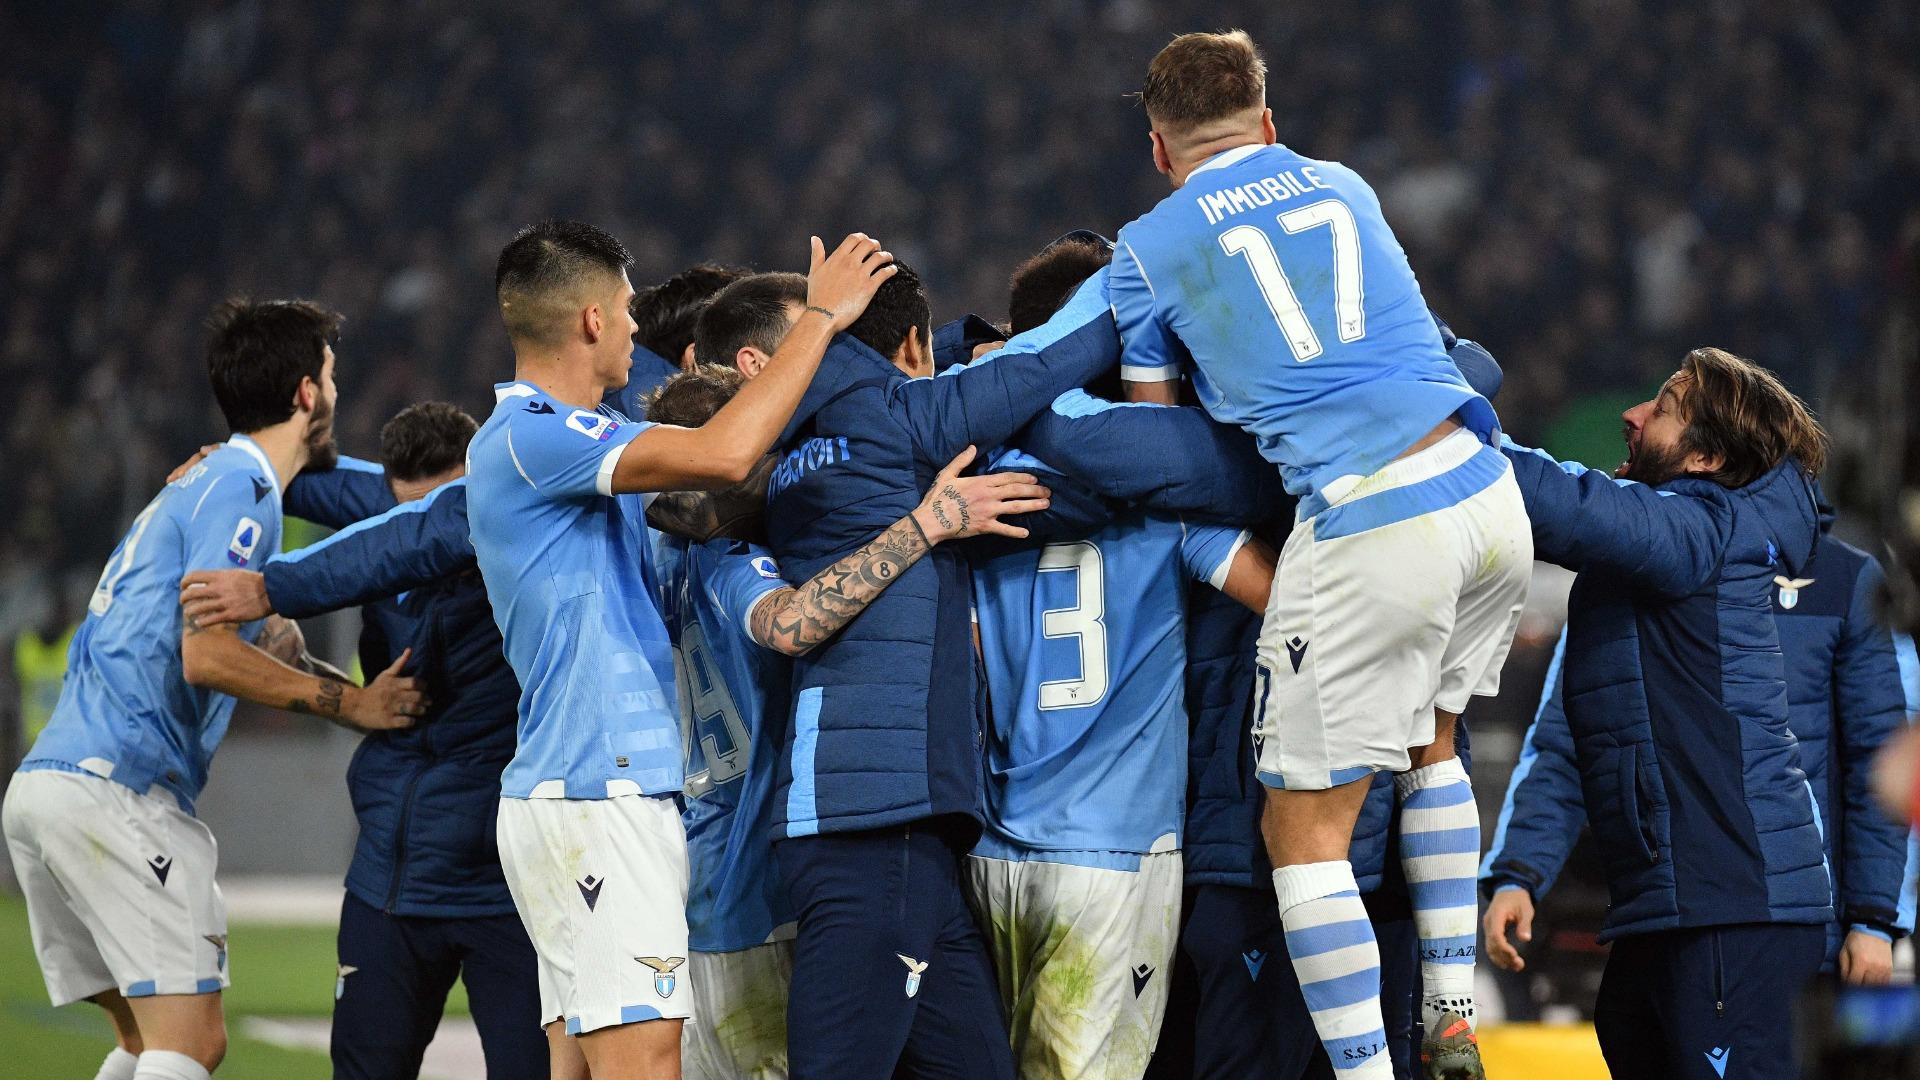 11 milionë euro në llogarinë e gabuar? Reagon klubi i Lazios